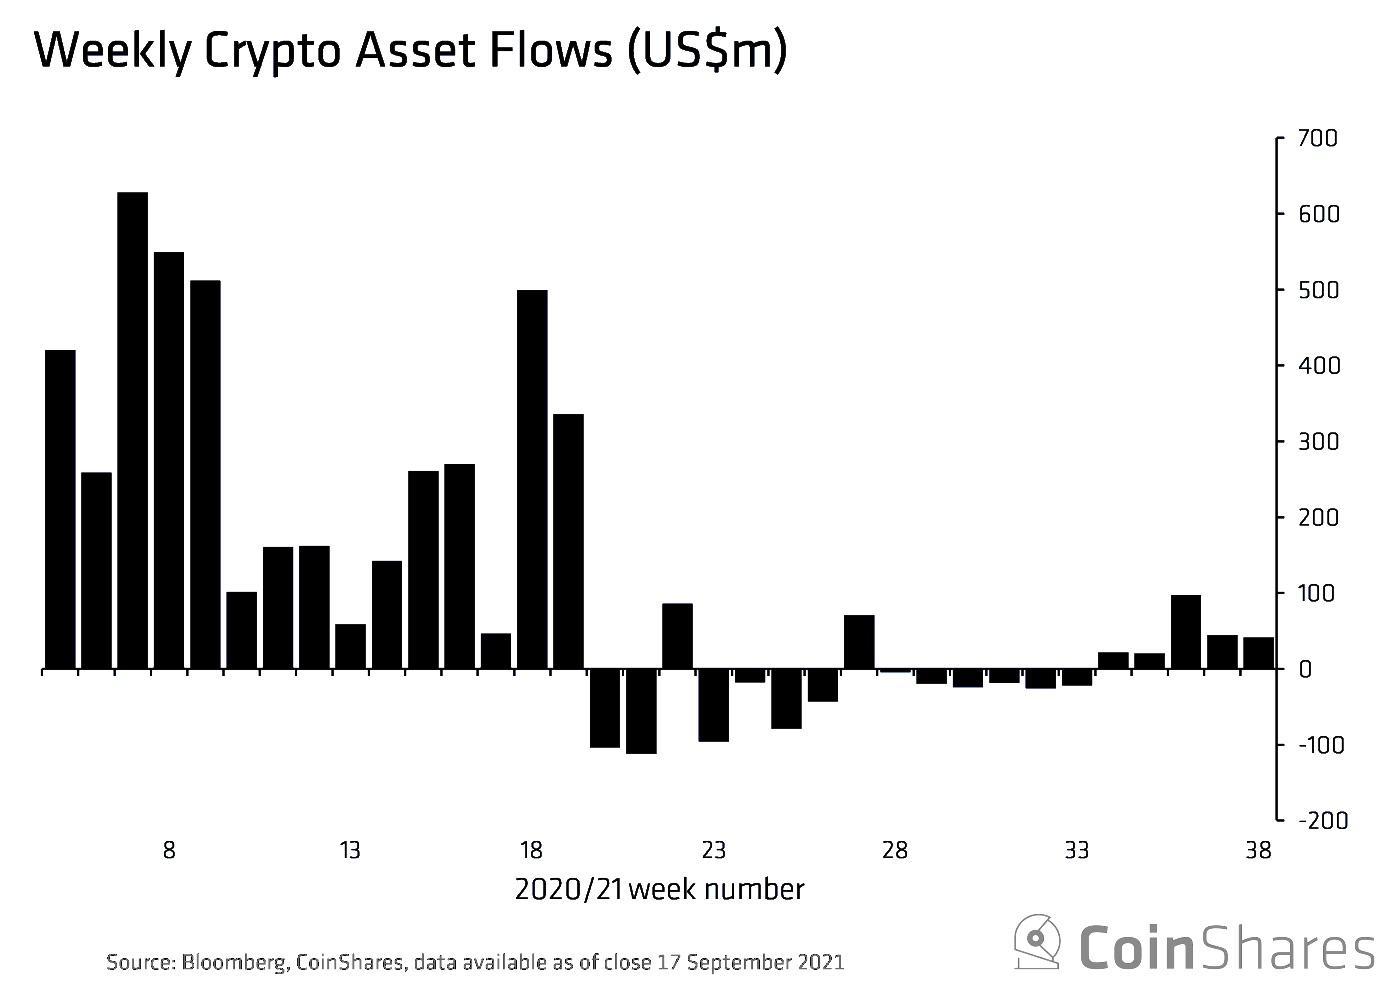 暗号資産ファンド、5週連続の流入超──流入総額は減少